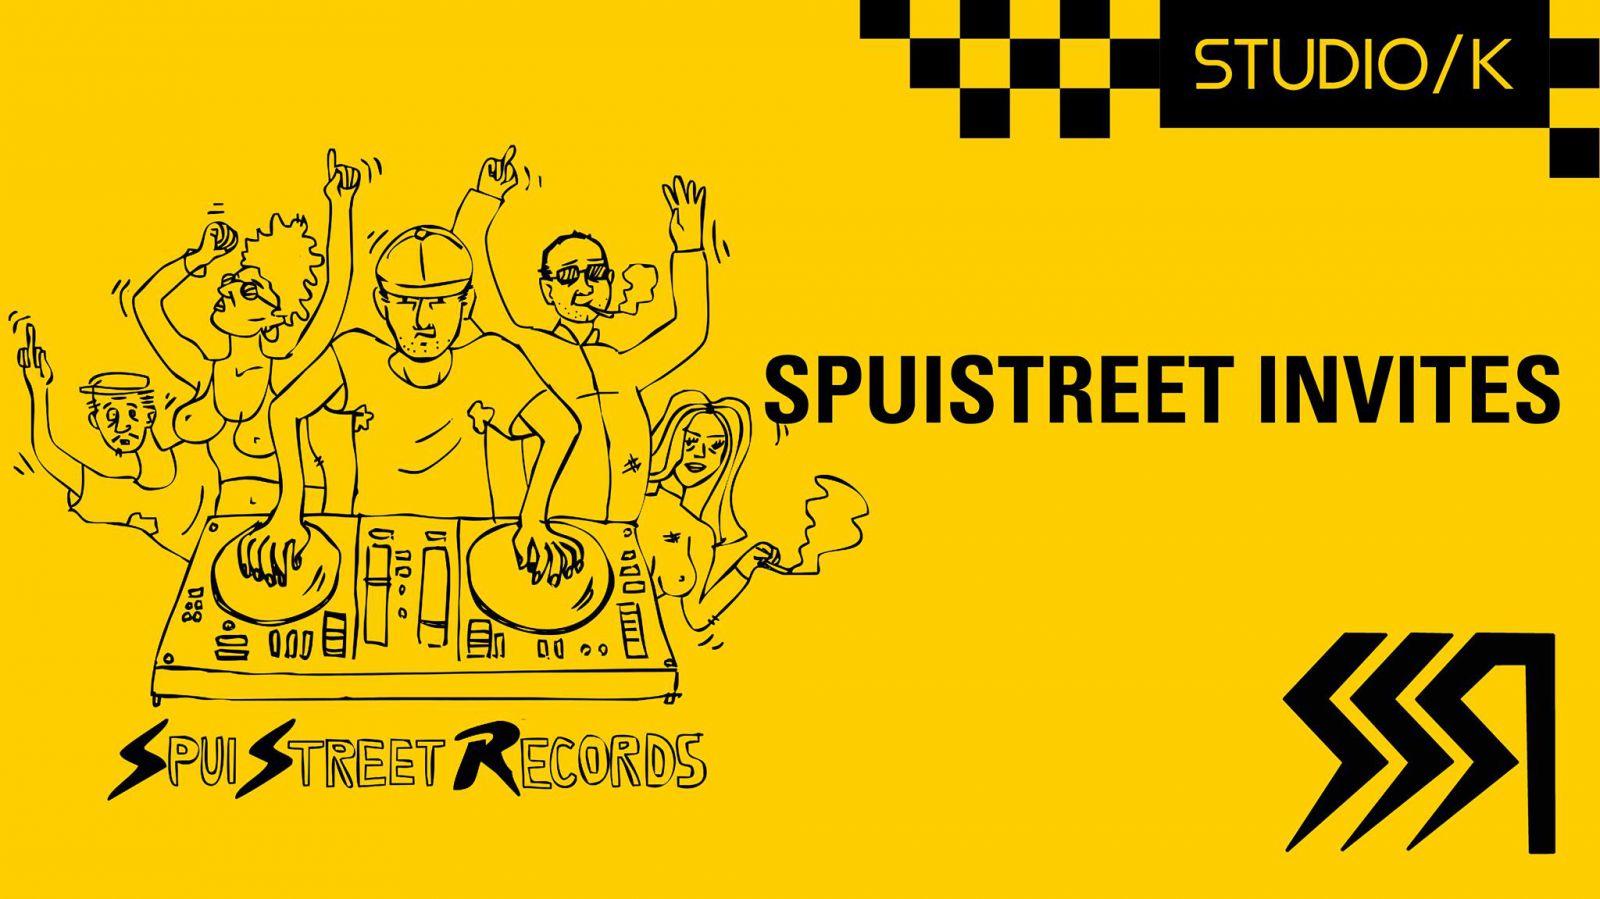 Spuistreet Invites in /K